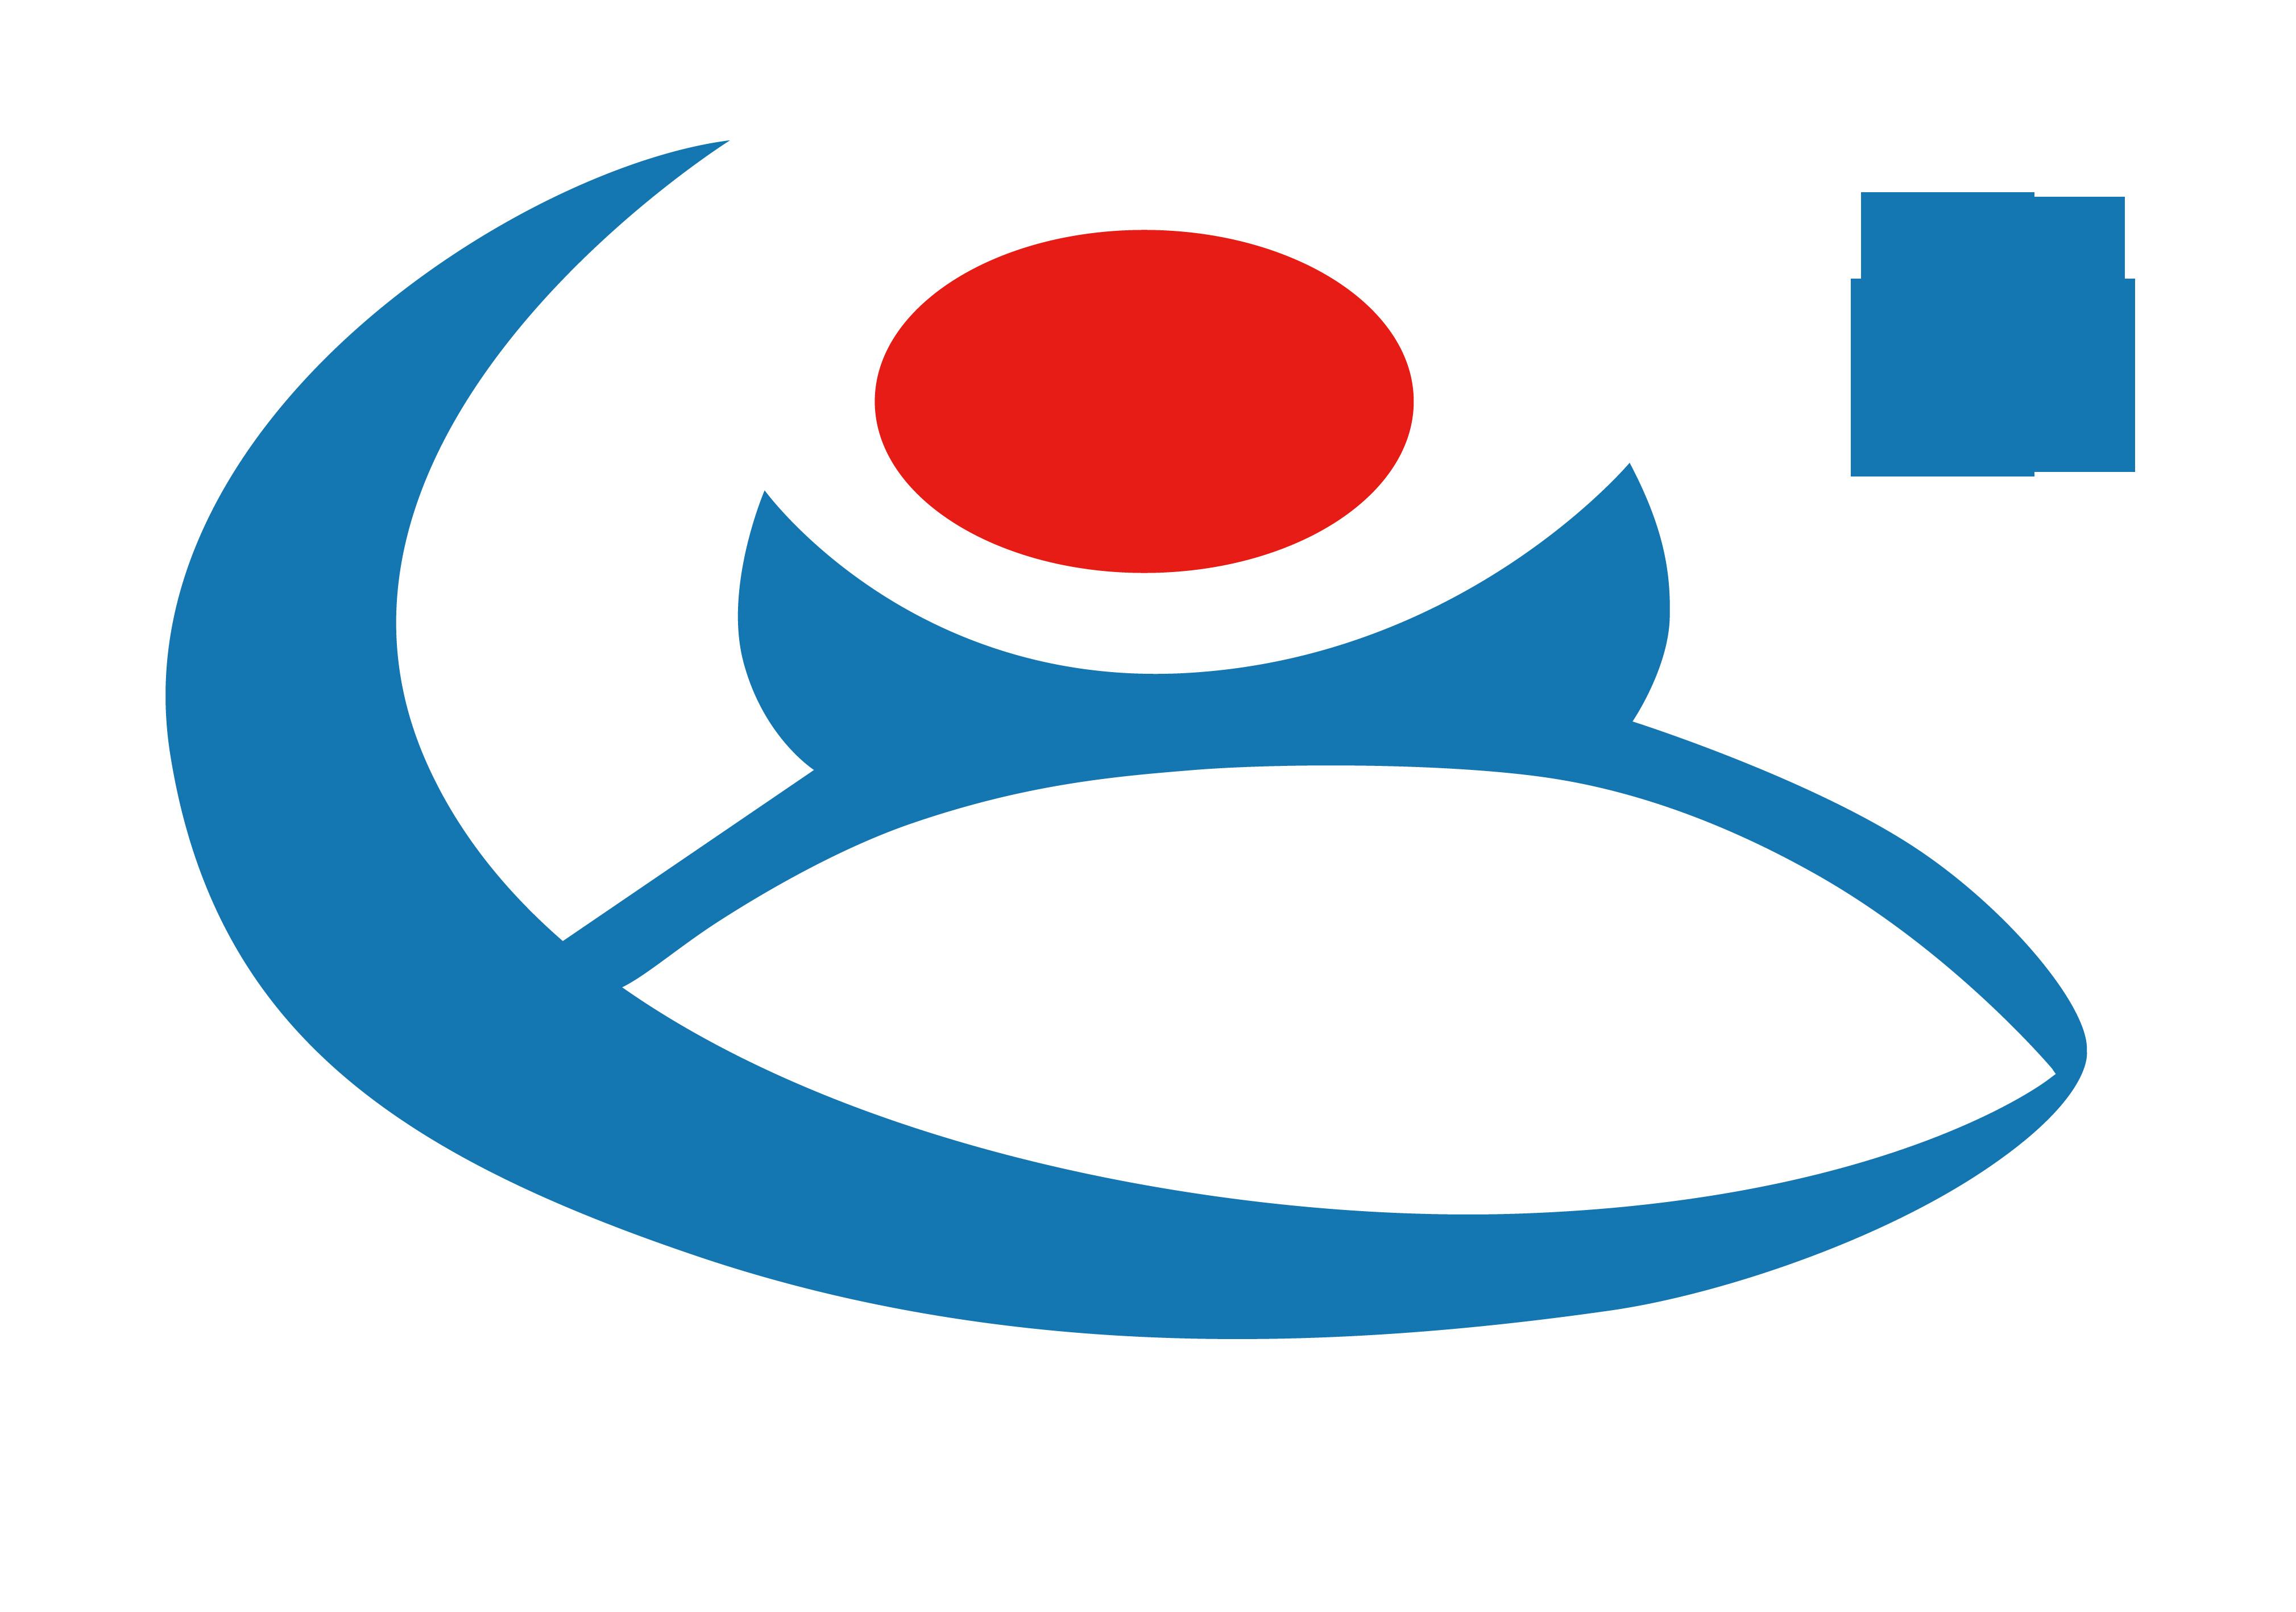 東莞市理想教育投資有限公司